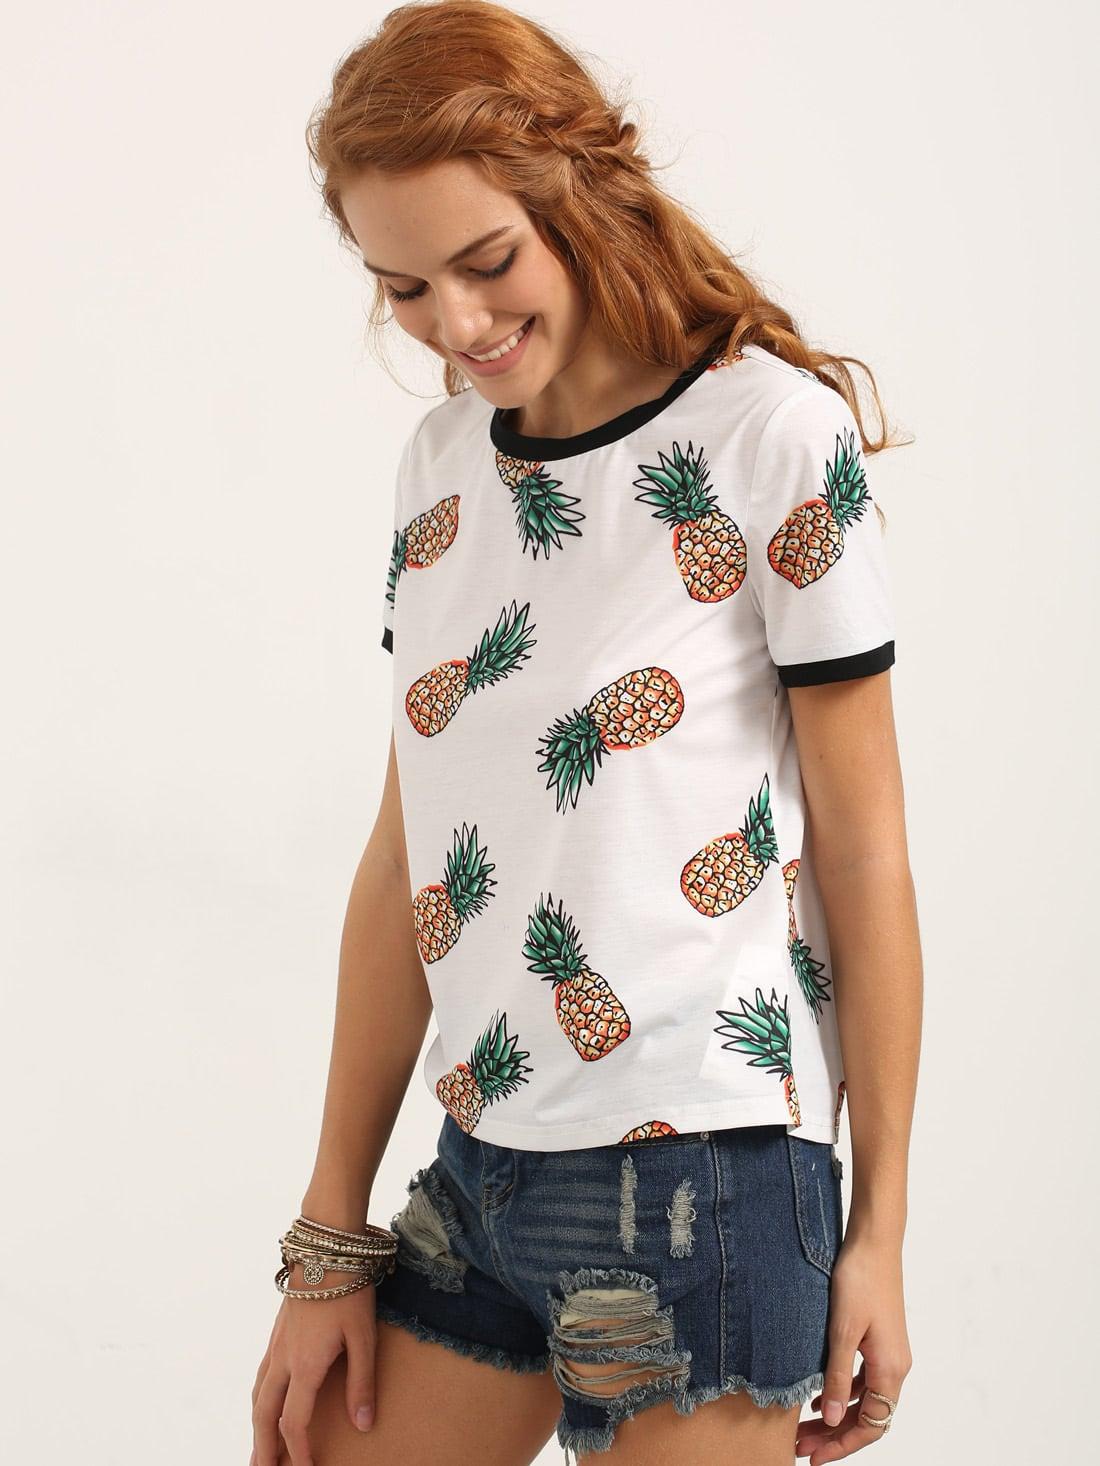 Multicolor Short Sleeve Fruit Print T-shirtMulticolor Short Sleeve Fruit Print T-shirt<br><br>color: Multi<br>size: L,M,S,XS